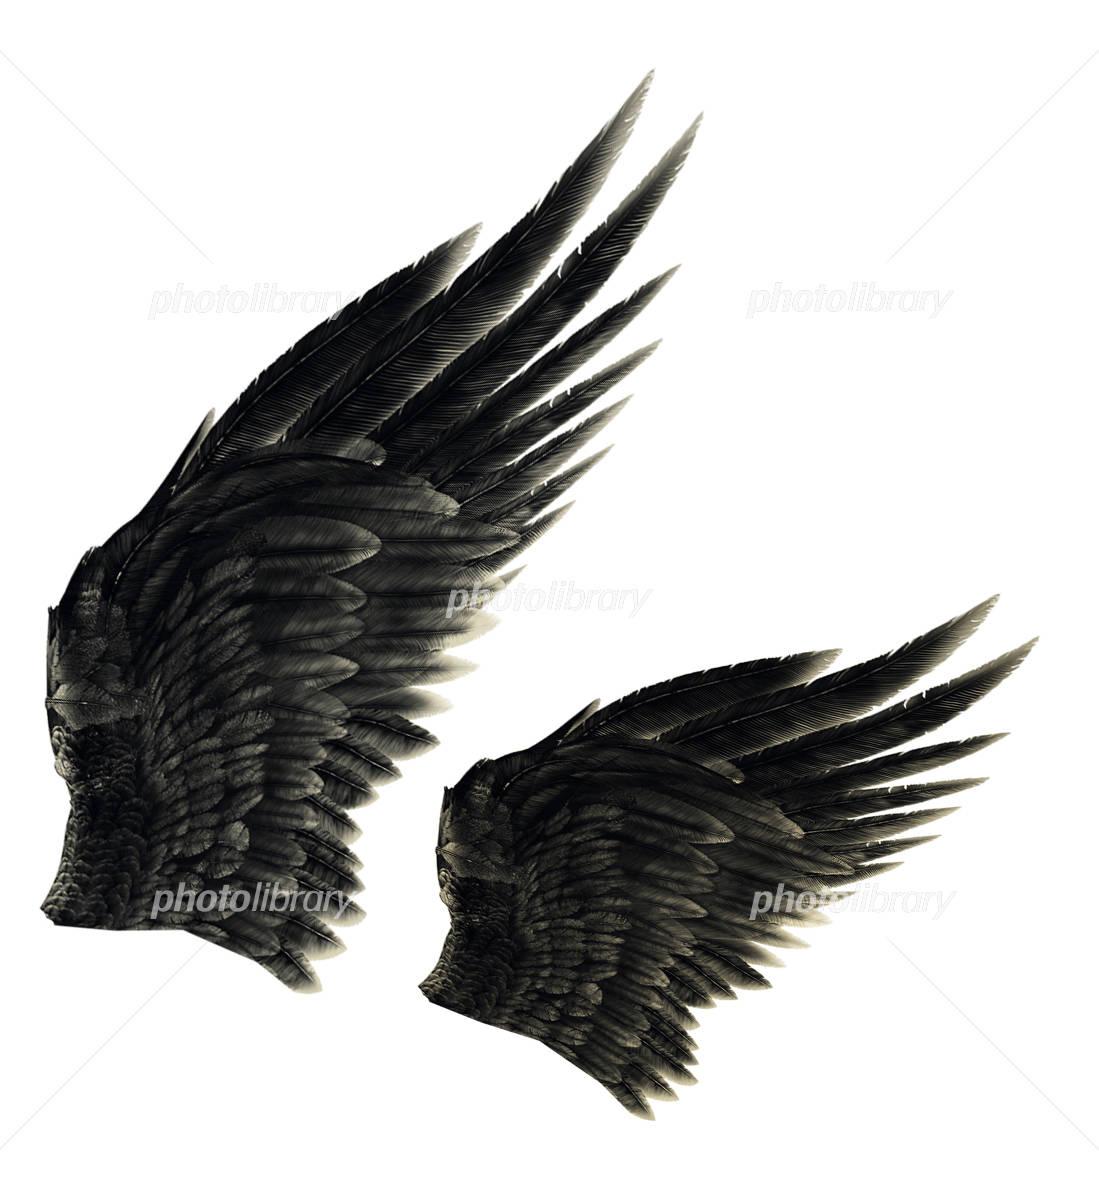 黒い翼 イラスト素材 2589587 フォトライブラリー Photolibrary